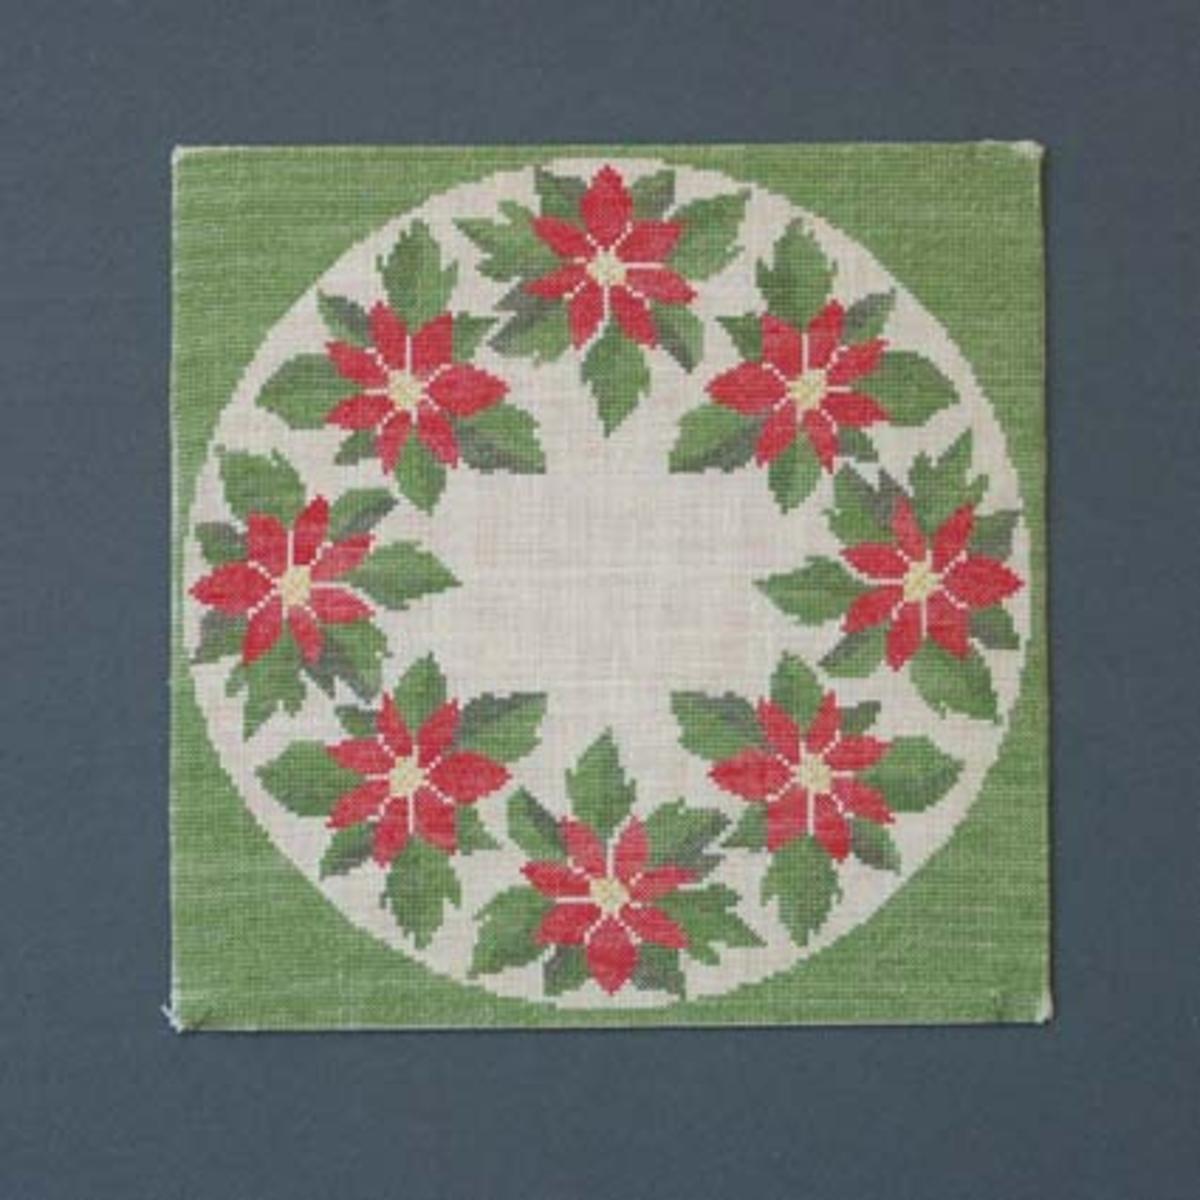 Julbonad med korsstygnsbroderi på linneväv. Bonaden tillhör Runda serien som är en serie julbonader formgivna av Irma Kronlund, en bonad per år från 1971 till 1989.Pris material med mönster 175:-.